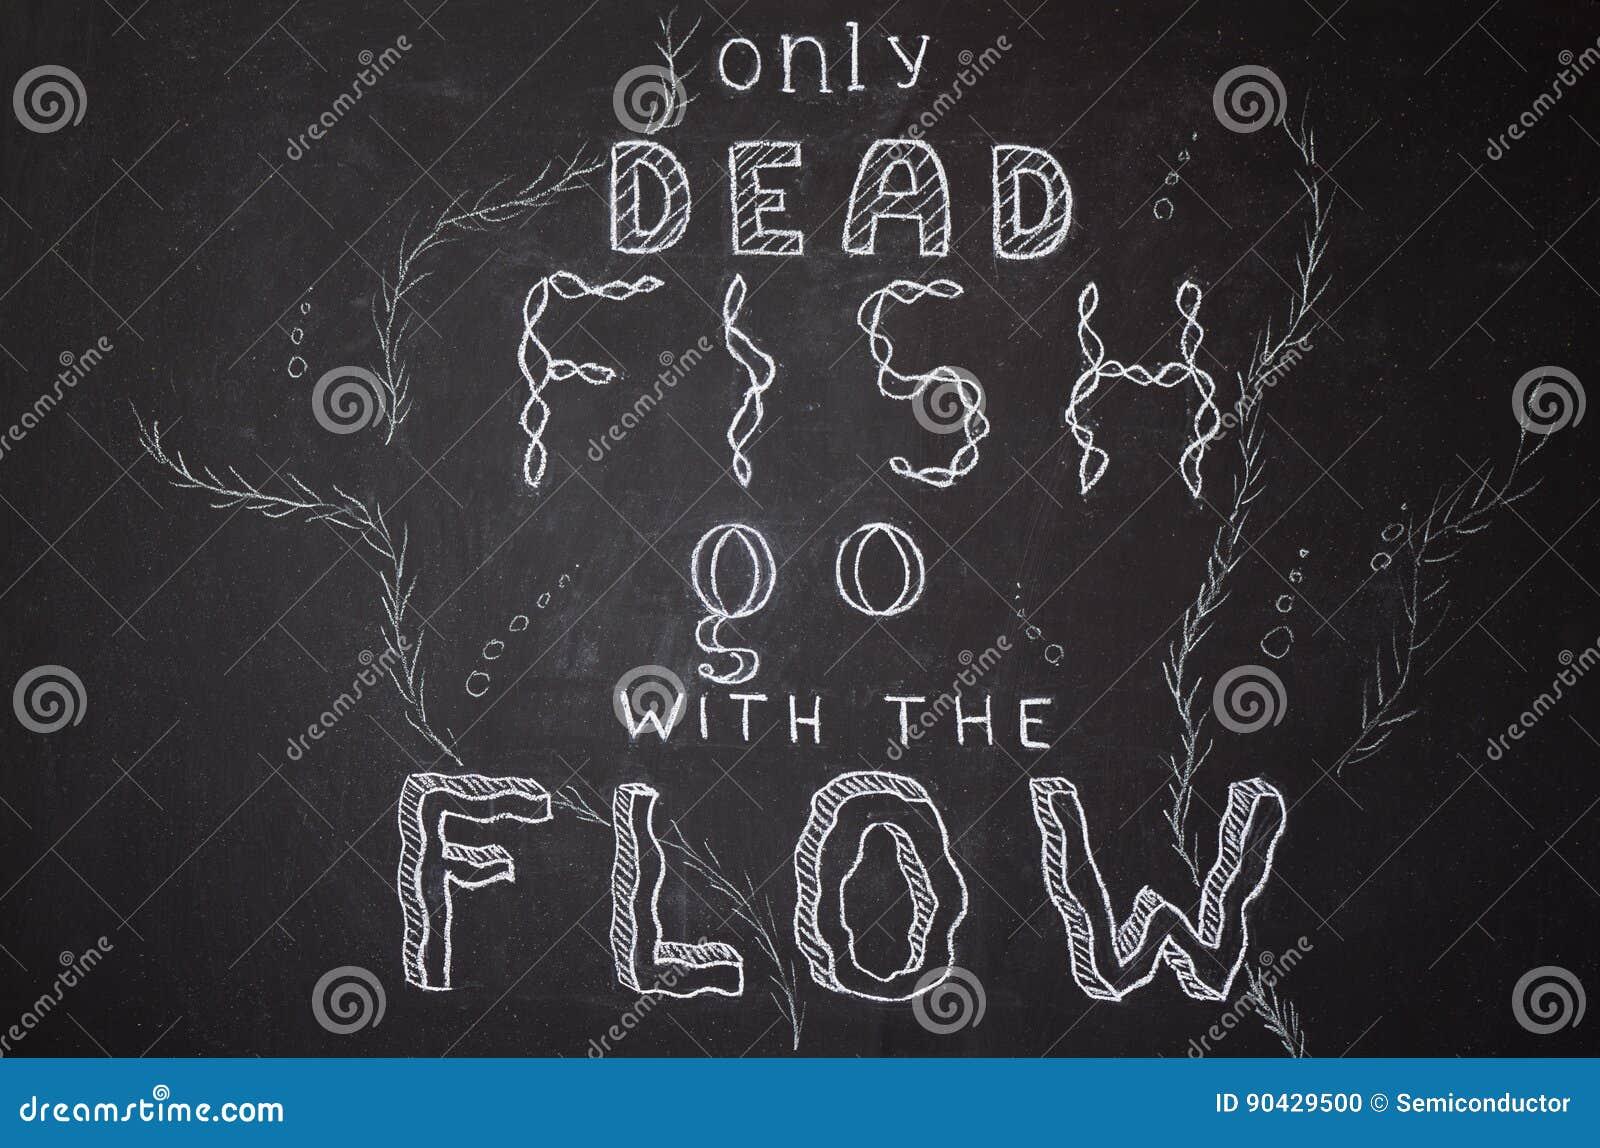 Somente os peixes inoperantes vão com o fluxo